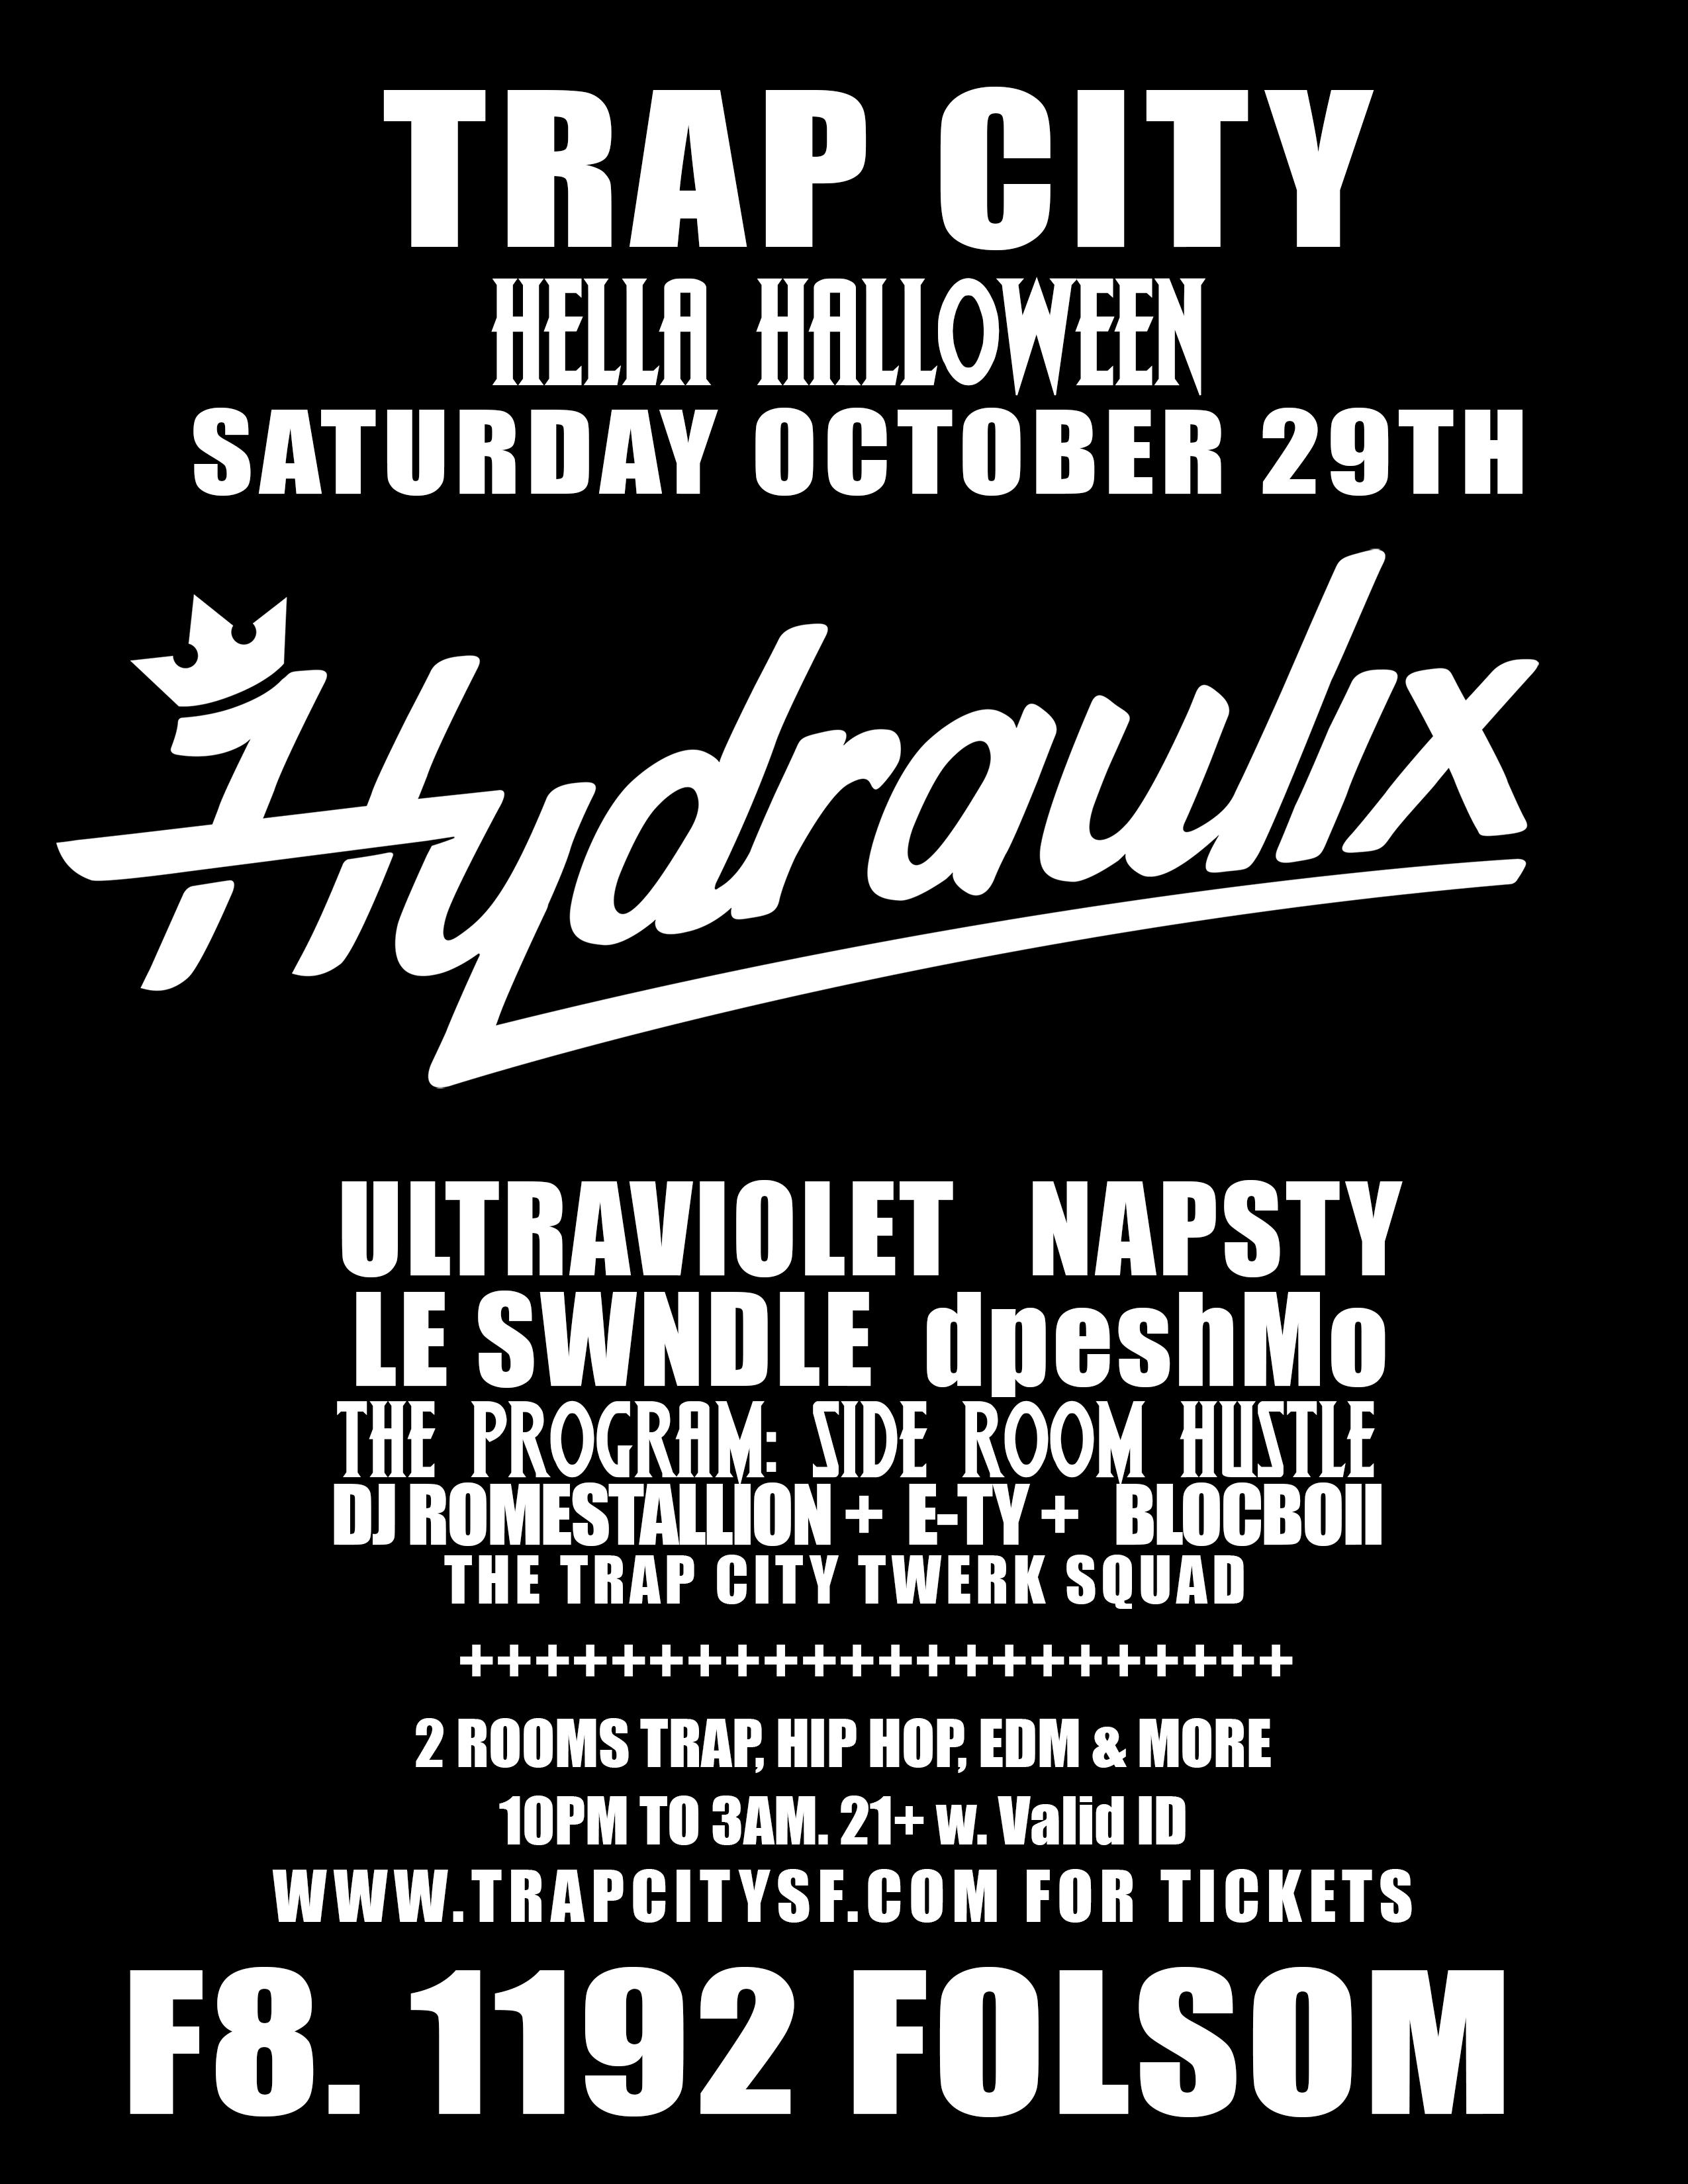 Hella Httpswww Bing Comform Z9fd1: Trap City Hella Hyphy Halloween W. Hydraulix At F8